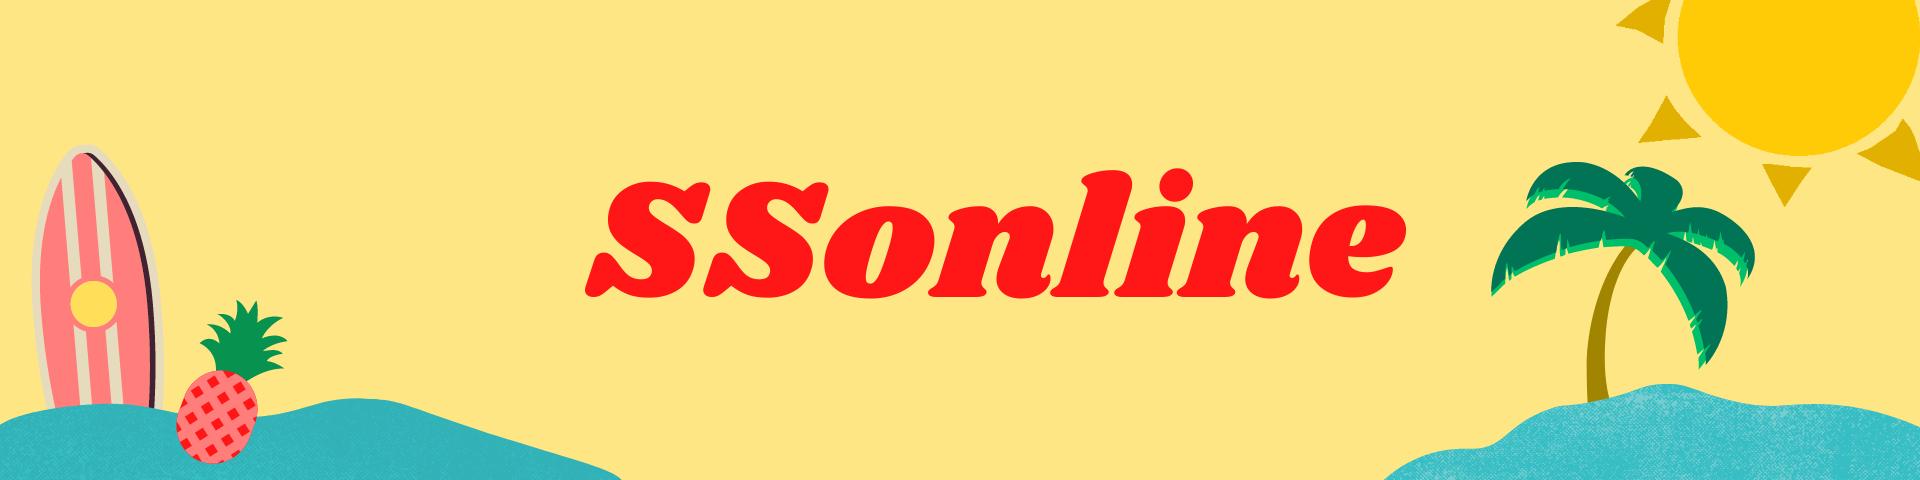 SSonline